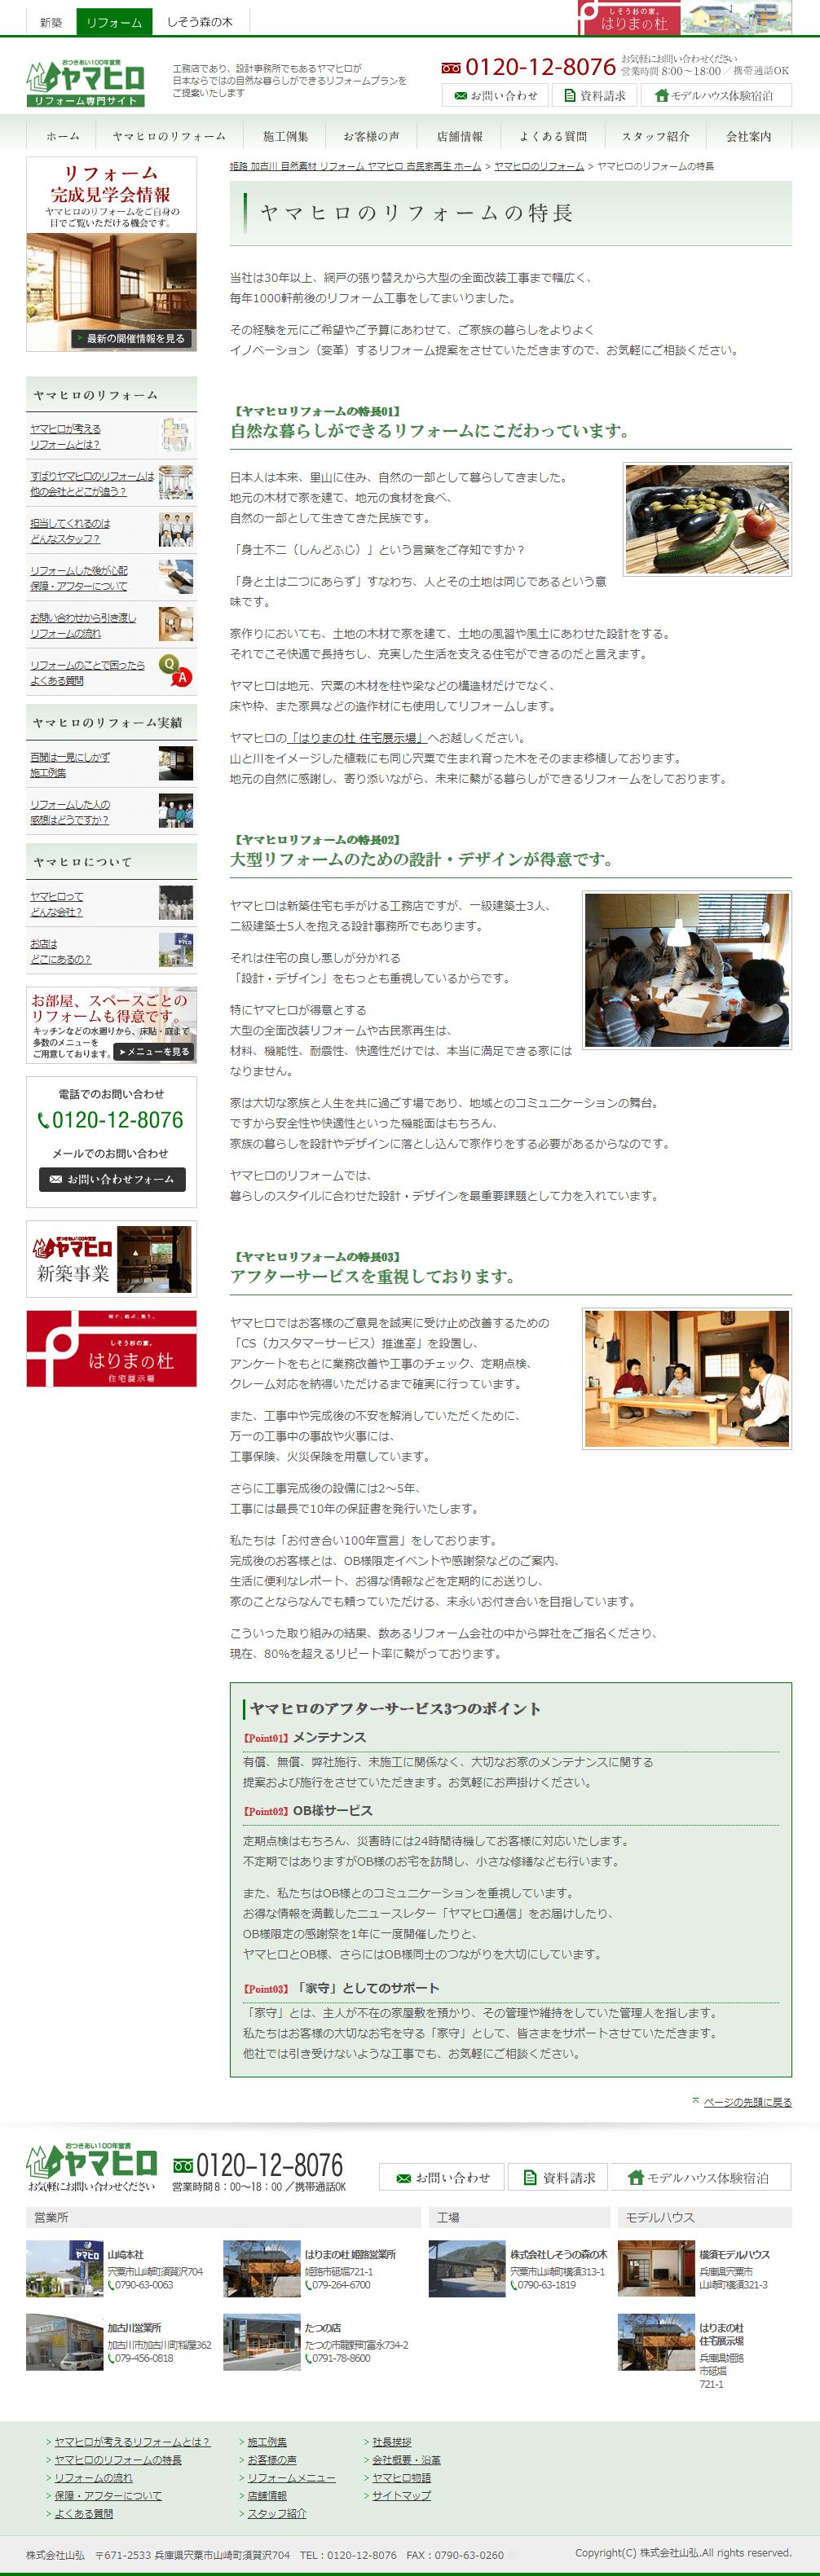 宍粟市 株式会社山弘様 ホームページ制作2